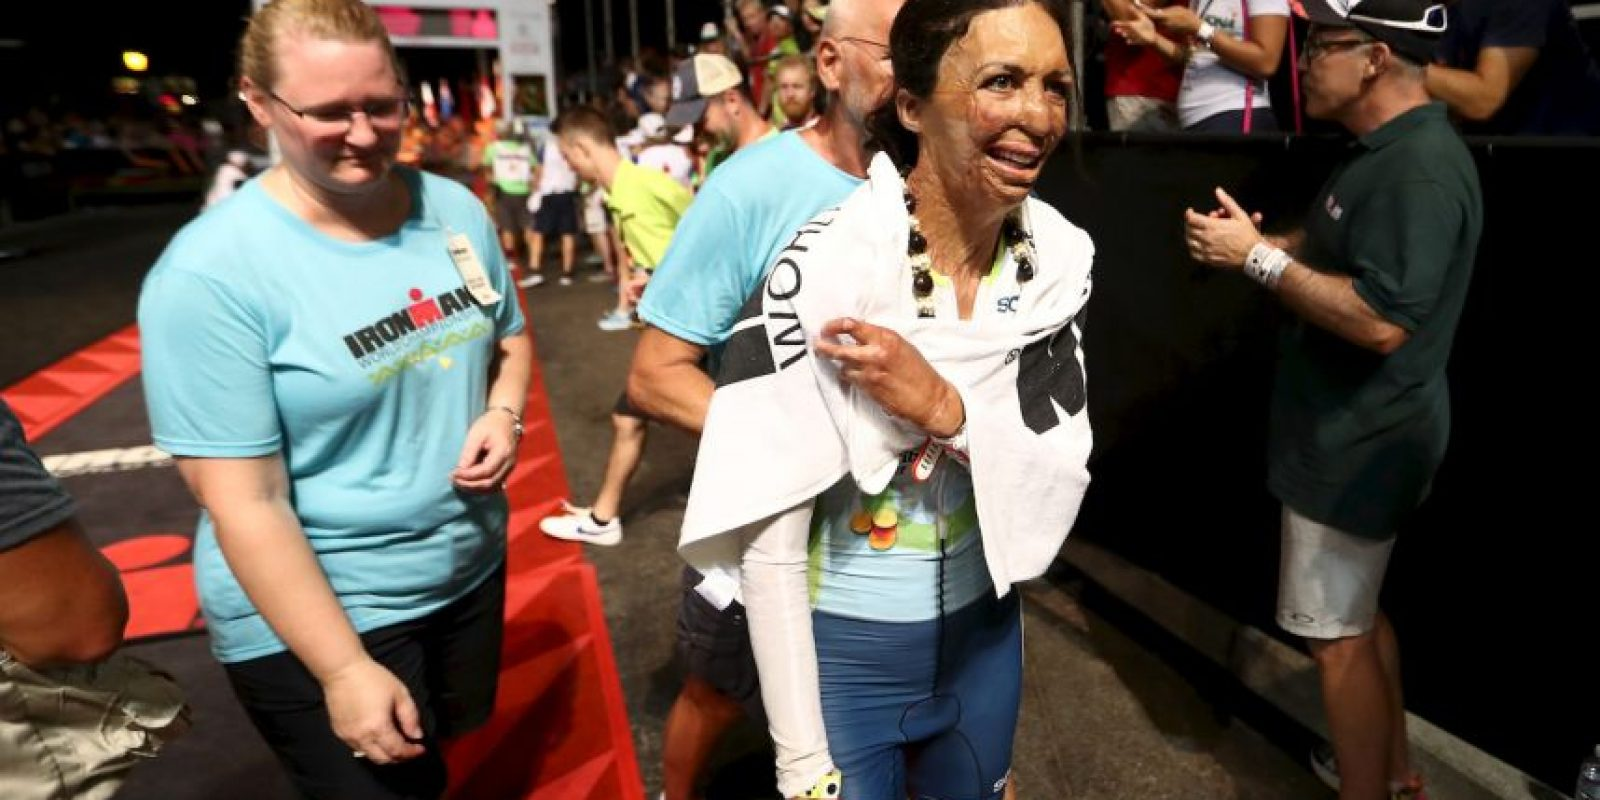 Turia Pitt, la exmodelo quemada que terminó el triatlón de Hawáil Foto:Getty Images